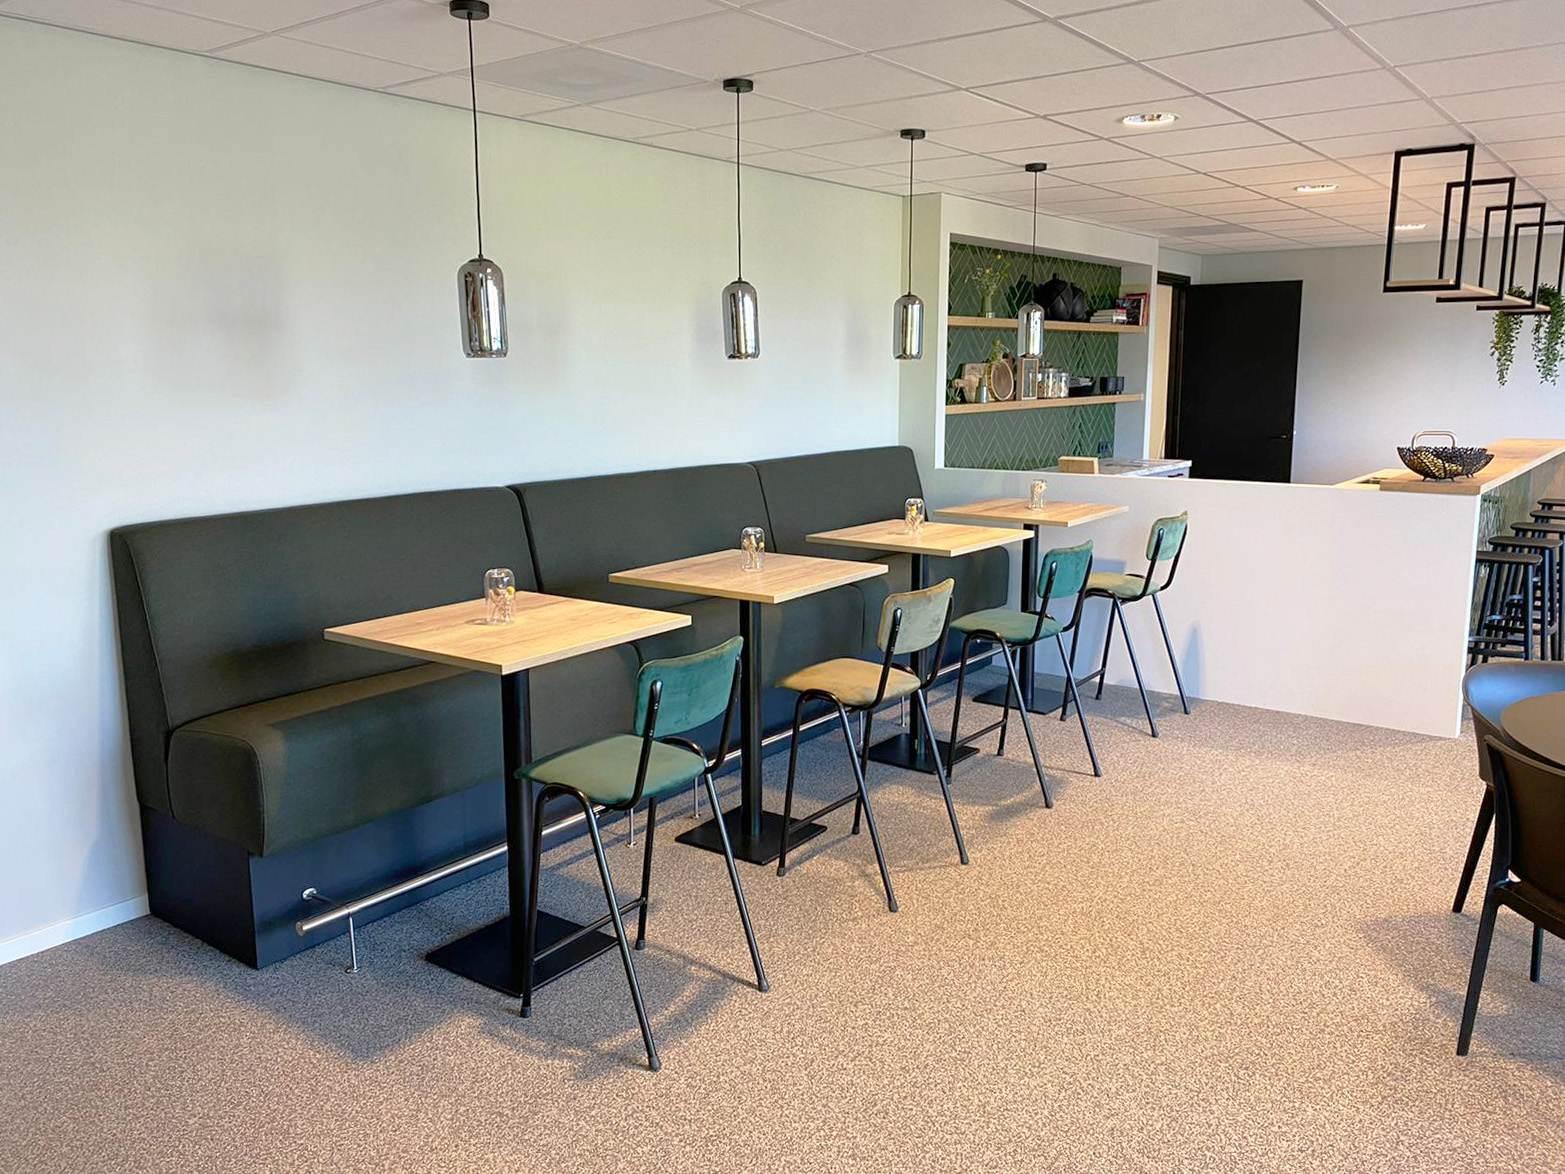 Nieuwe projectinrichting FirePrevent | Zevenbergen Kantoorefficiency B.V.